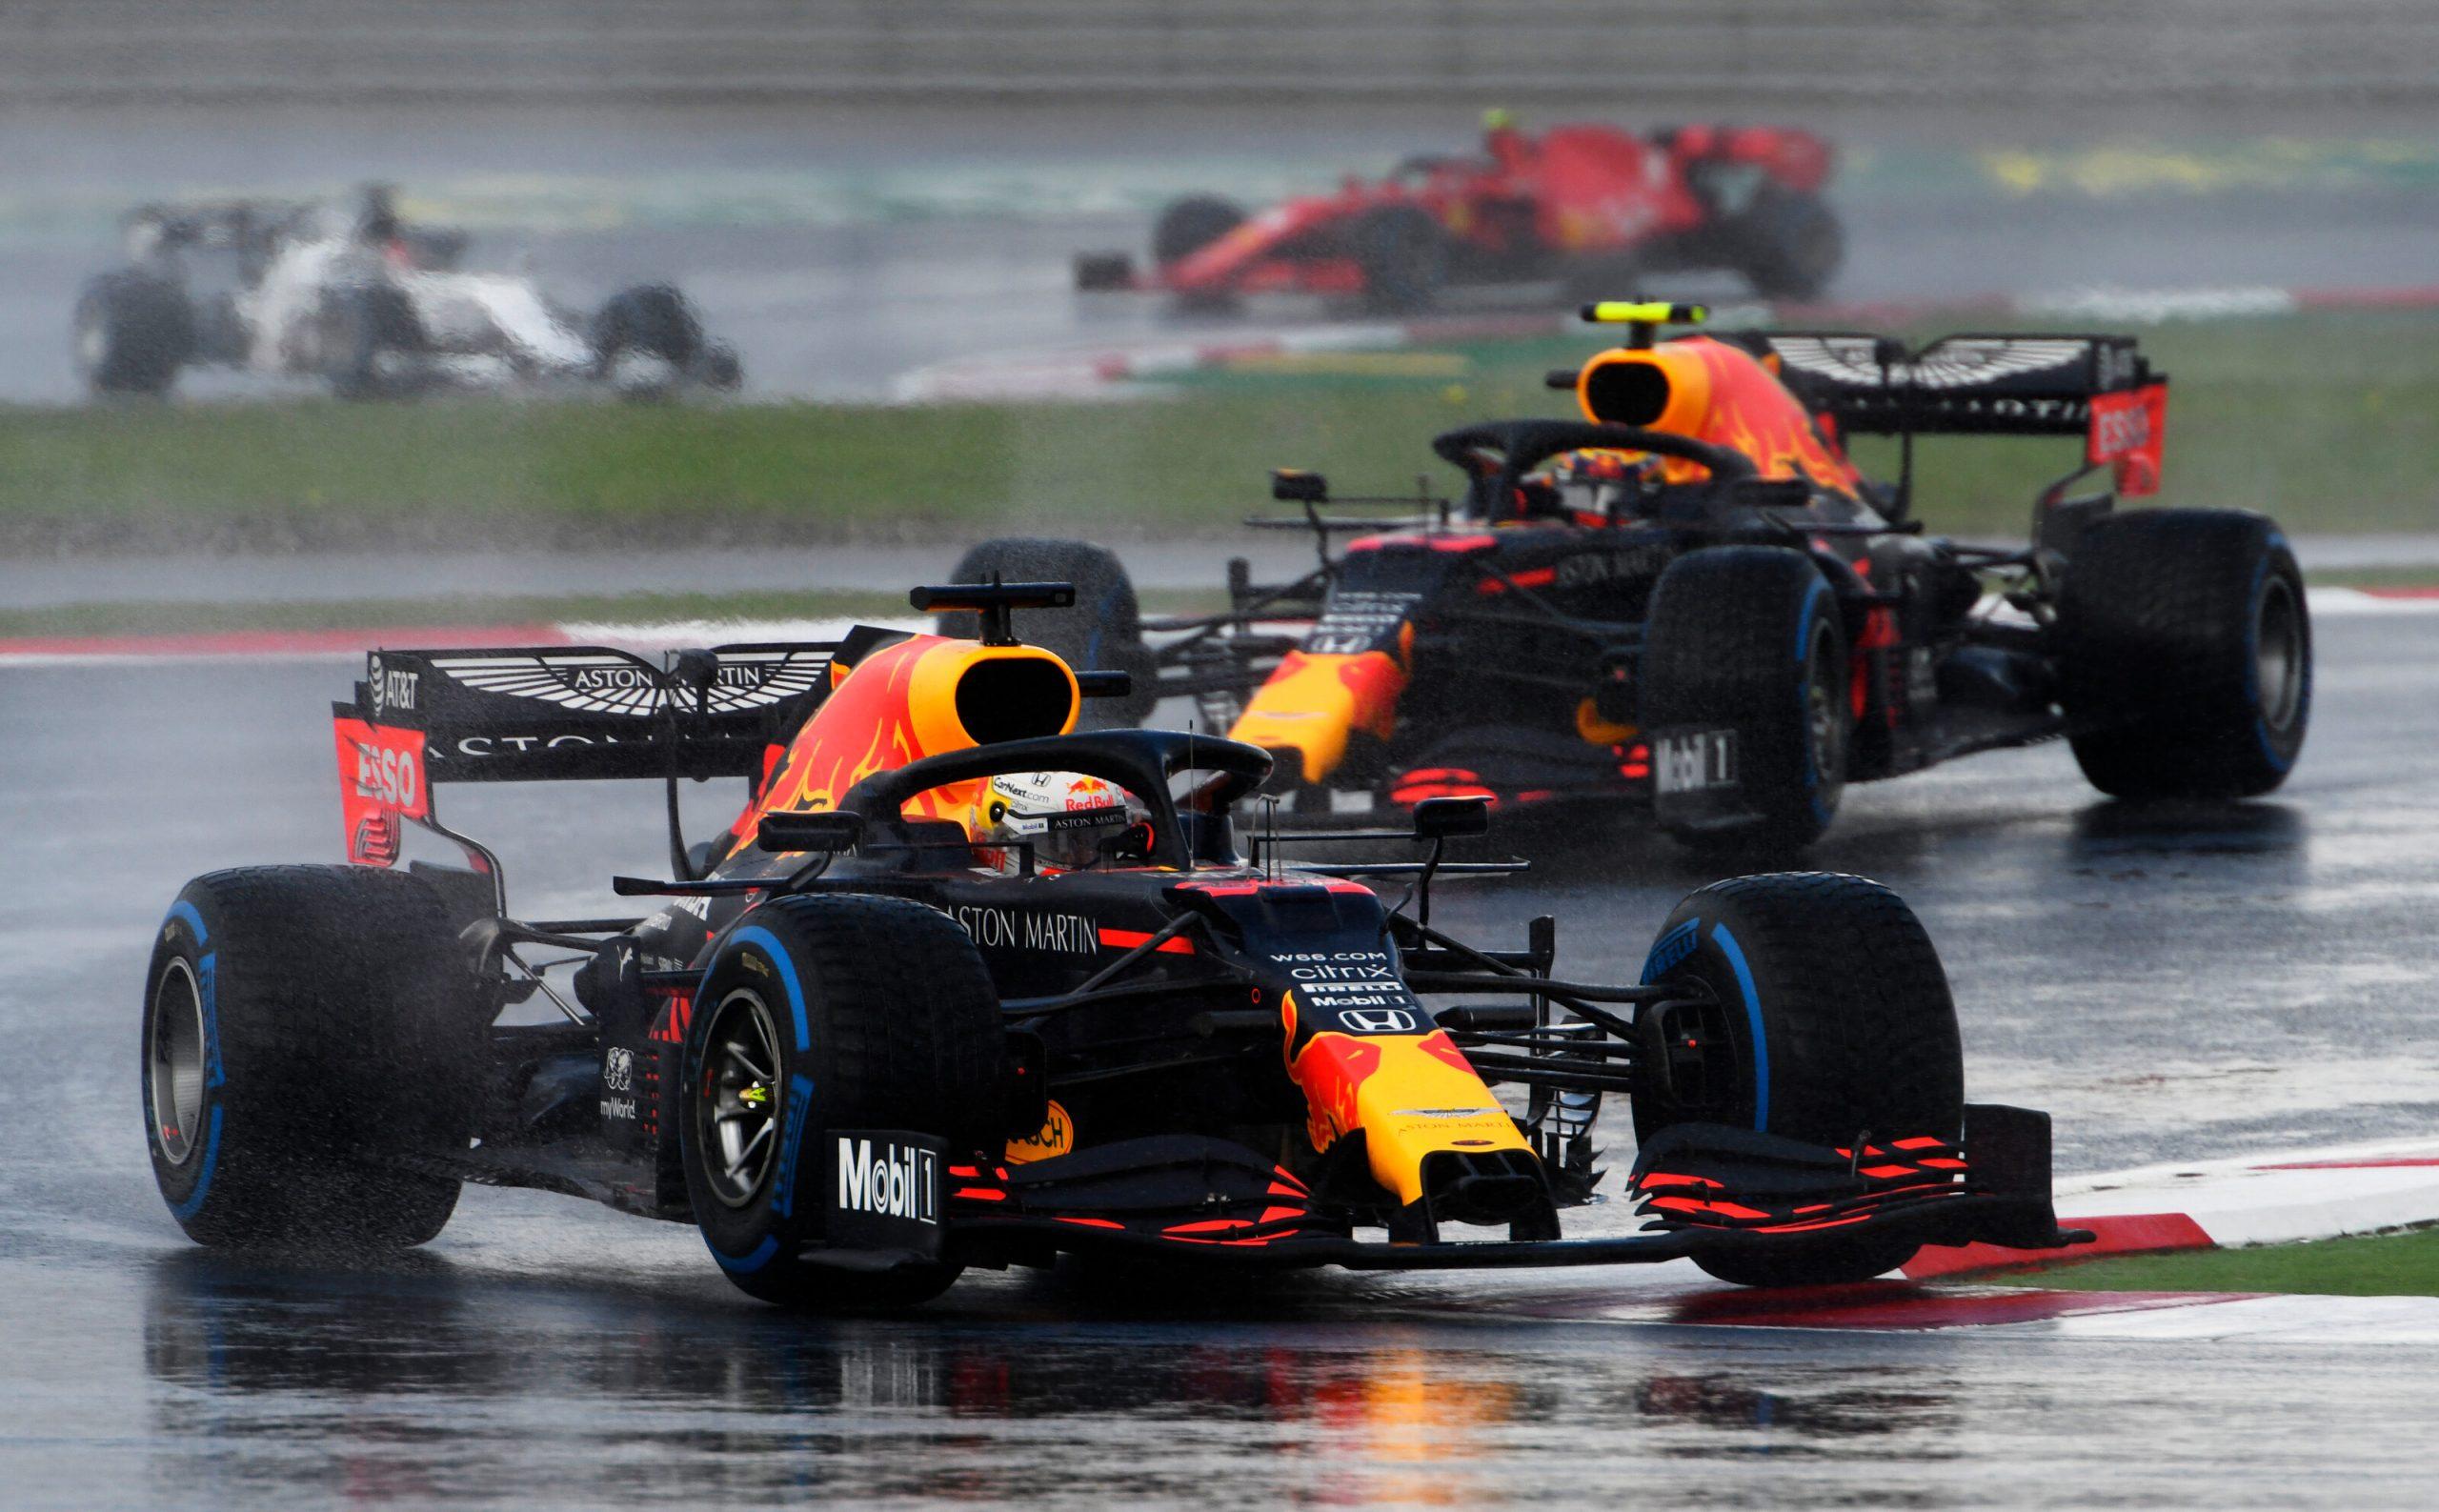 Voorbeschouwing van de GP van Emilia-Romagna 2021